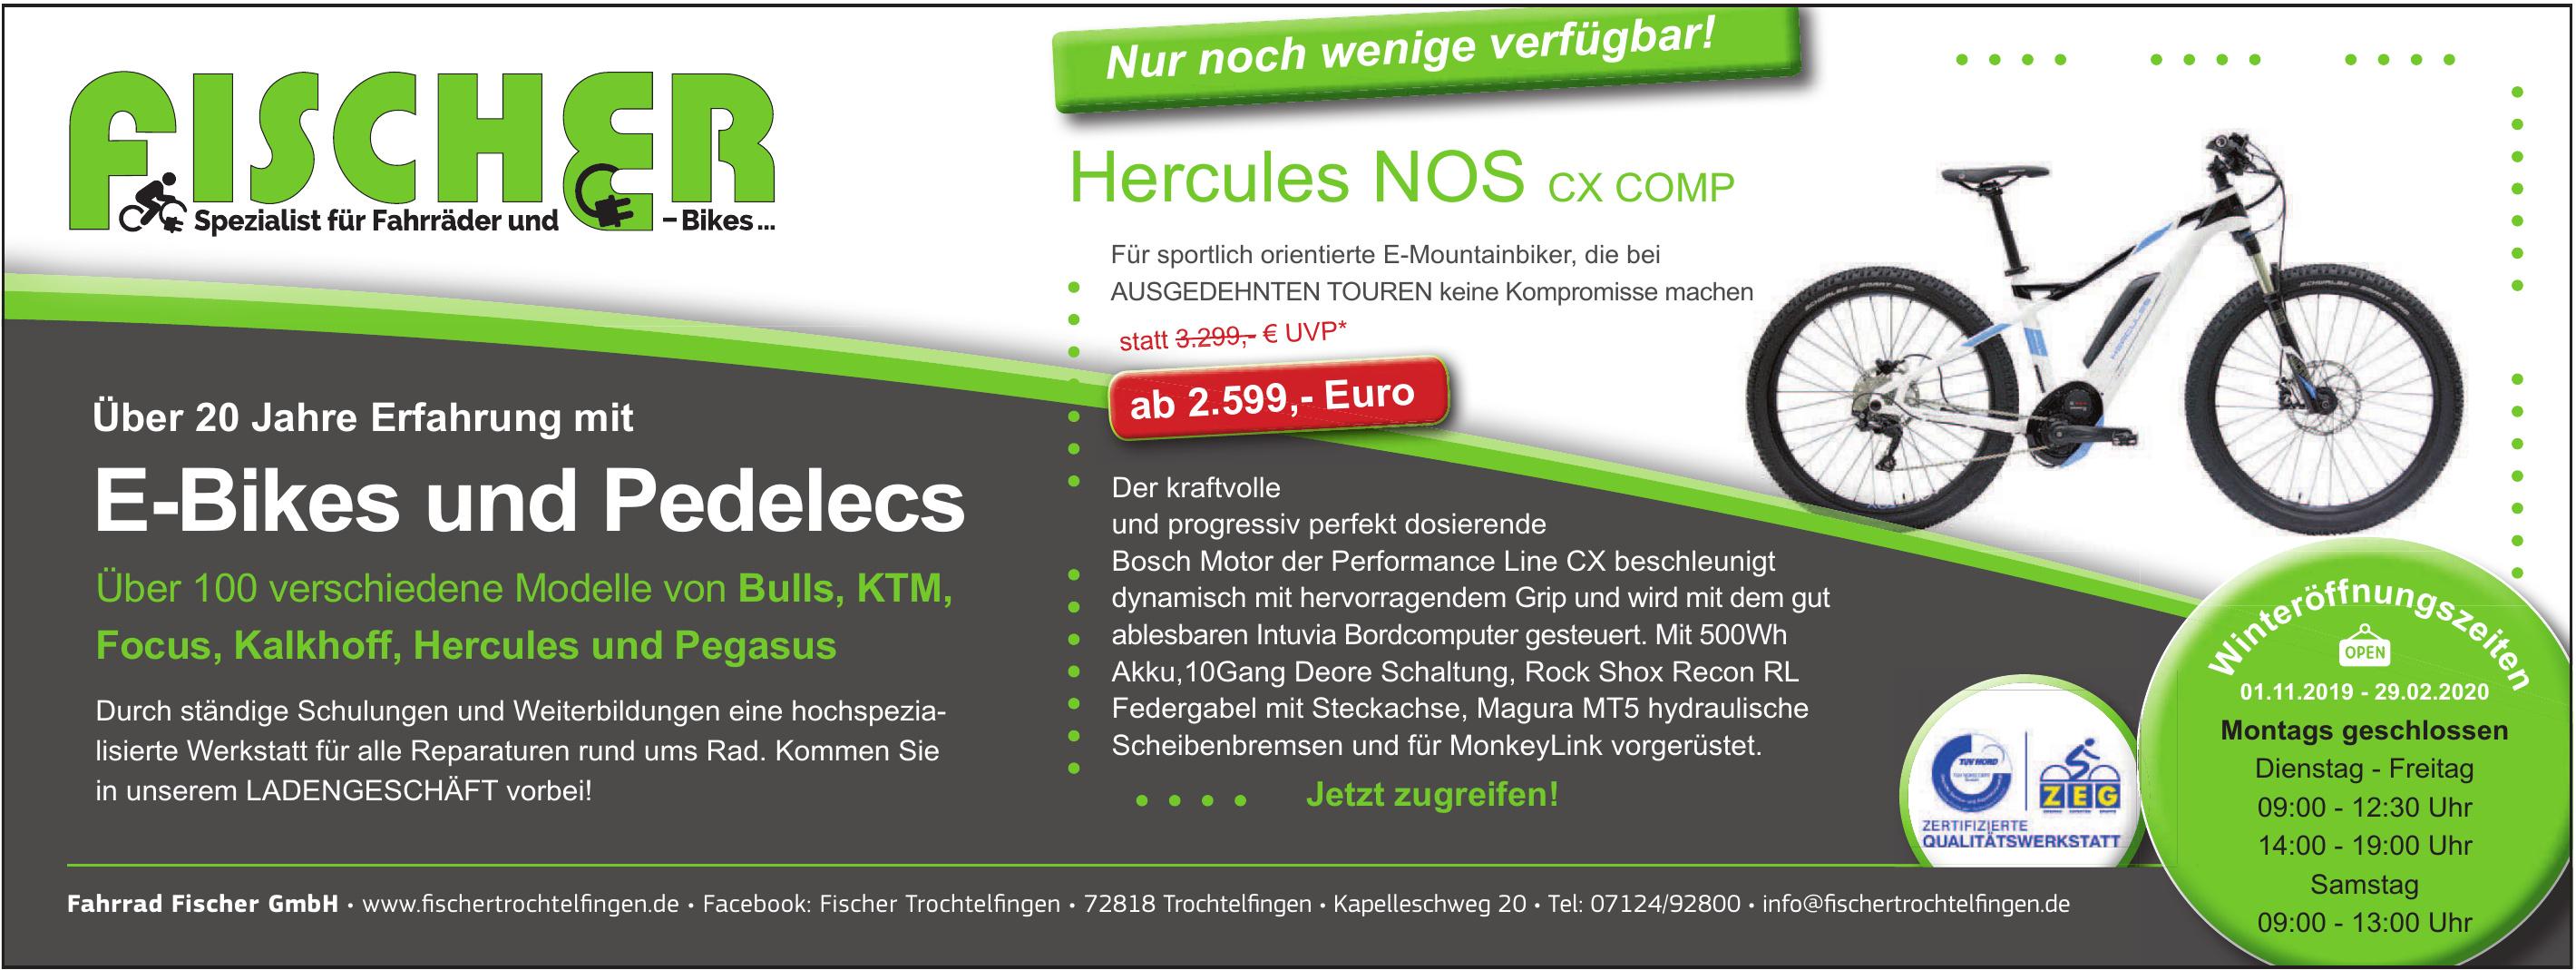 Fahrrad Fischer GmbH